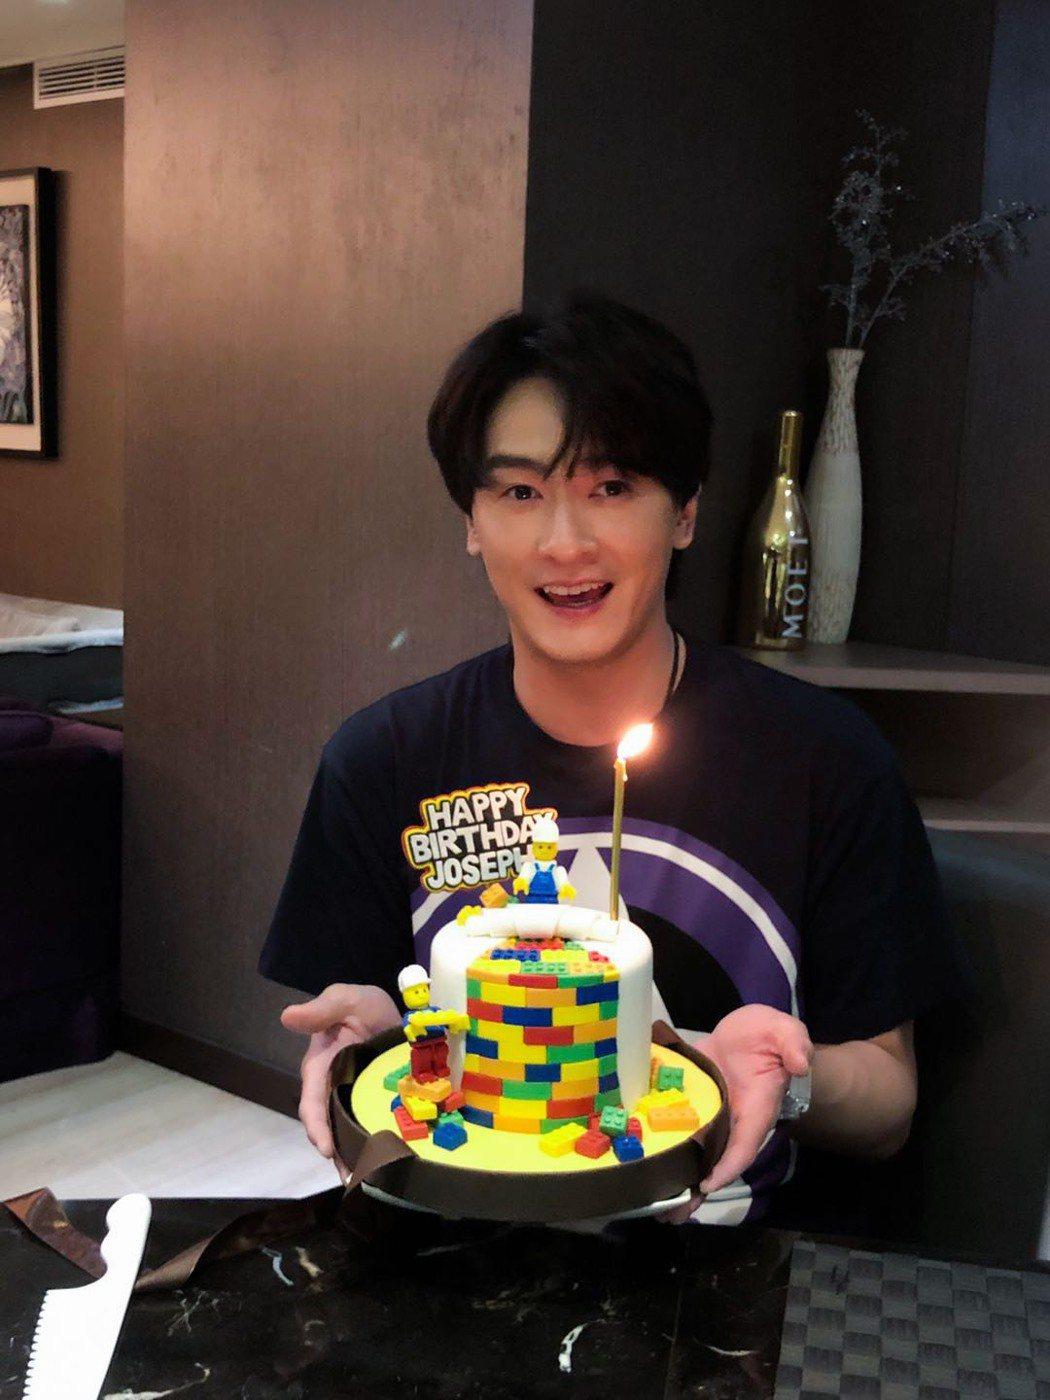 鄭元暢收到好友們送的樂高蛋糕,開心慶生。圖/最大國際娛樂提供